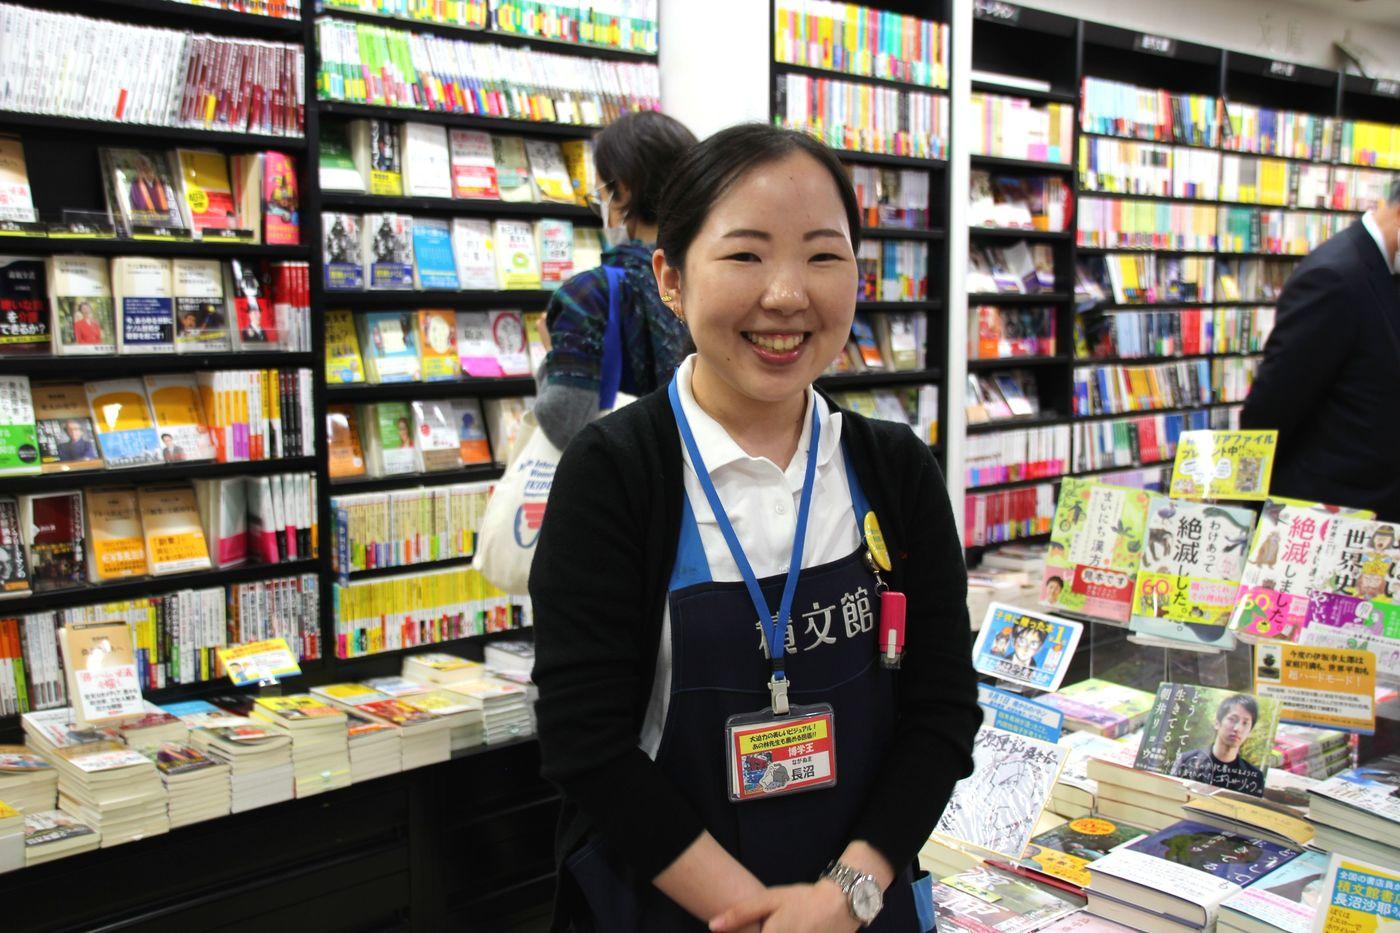 福岡の書店員さん、君の推薦する本を読みたい!【福岡キミスイ本 第15回】の画像